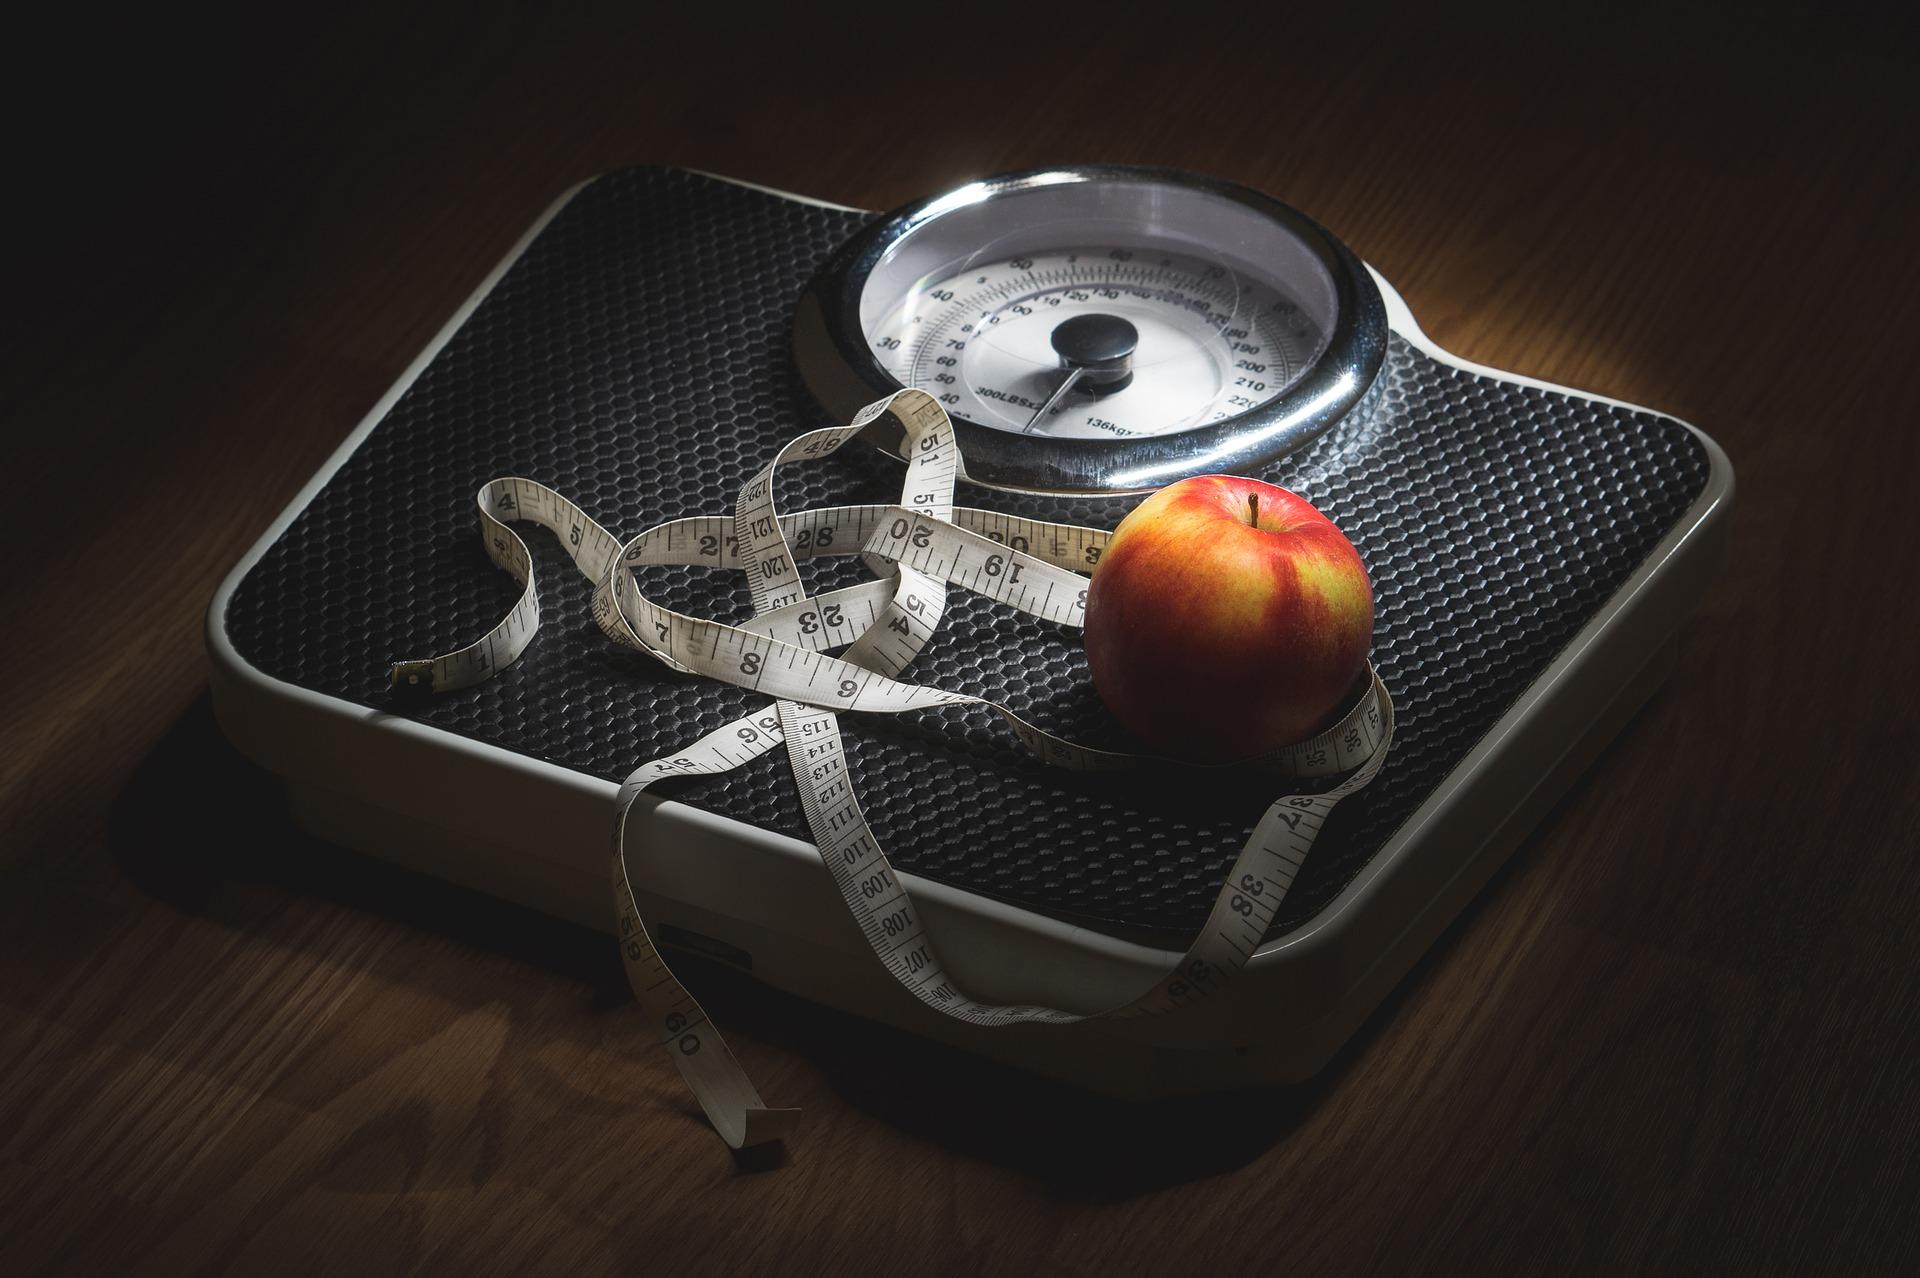 Cirugía por laparoscopia, menos riesgos y recuperación inmediata